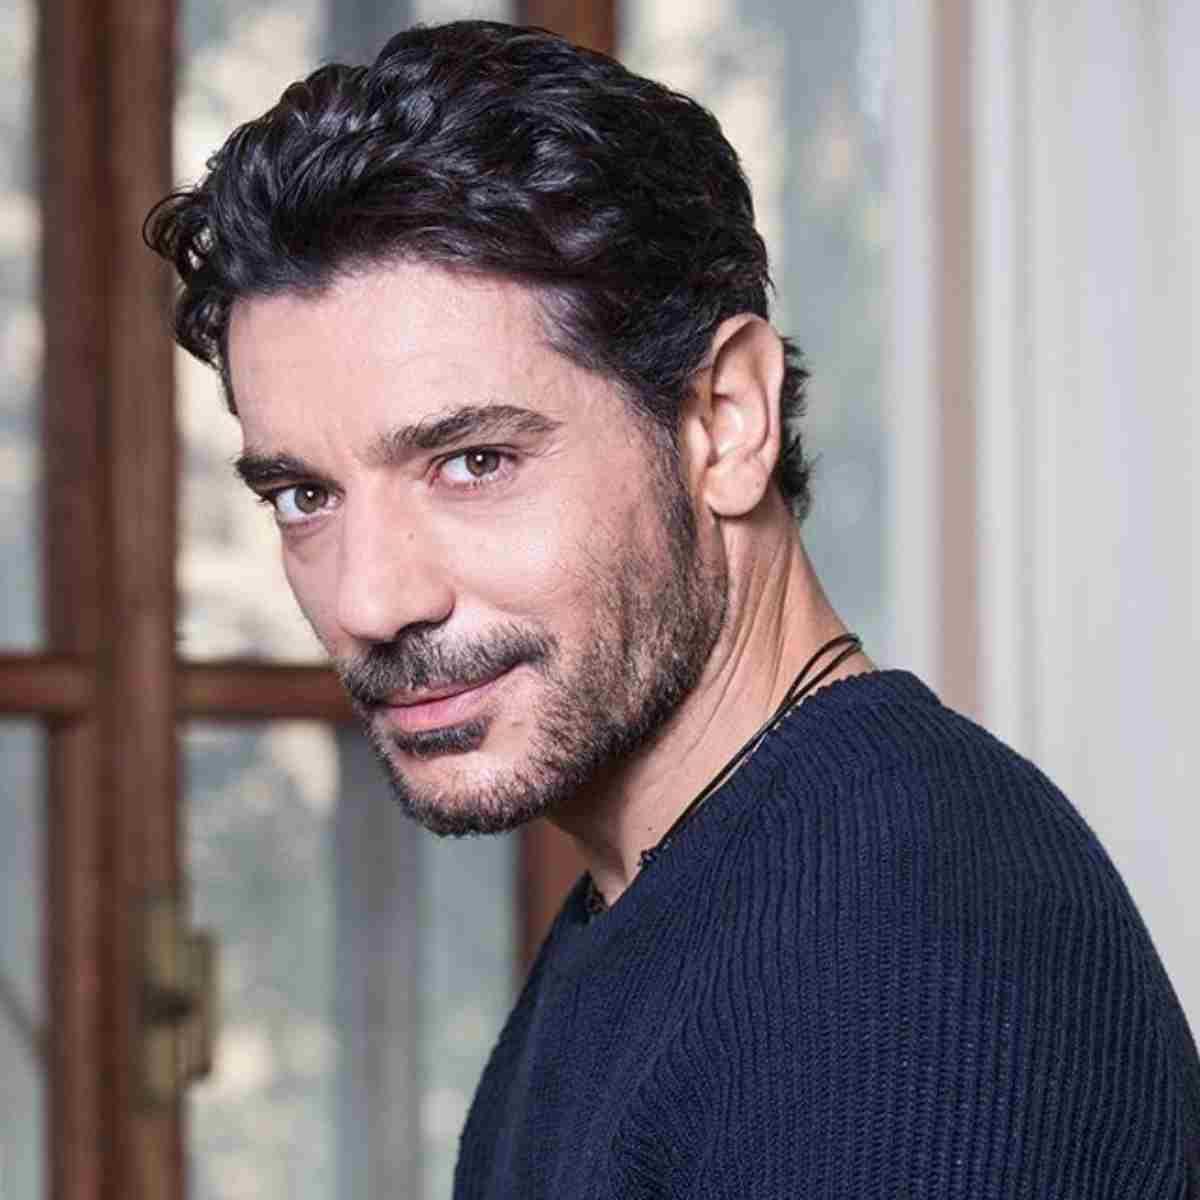 Giuseppe Zeno è Stefano De Angelis, Mentre ero via: moglie, età, figlia